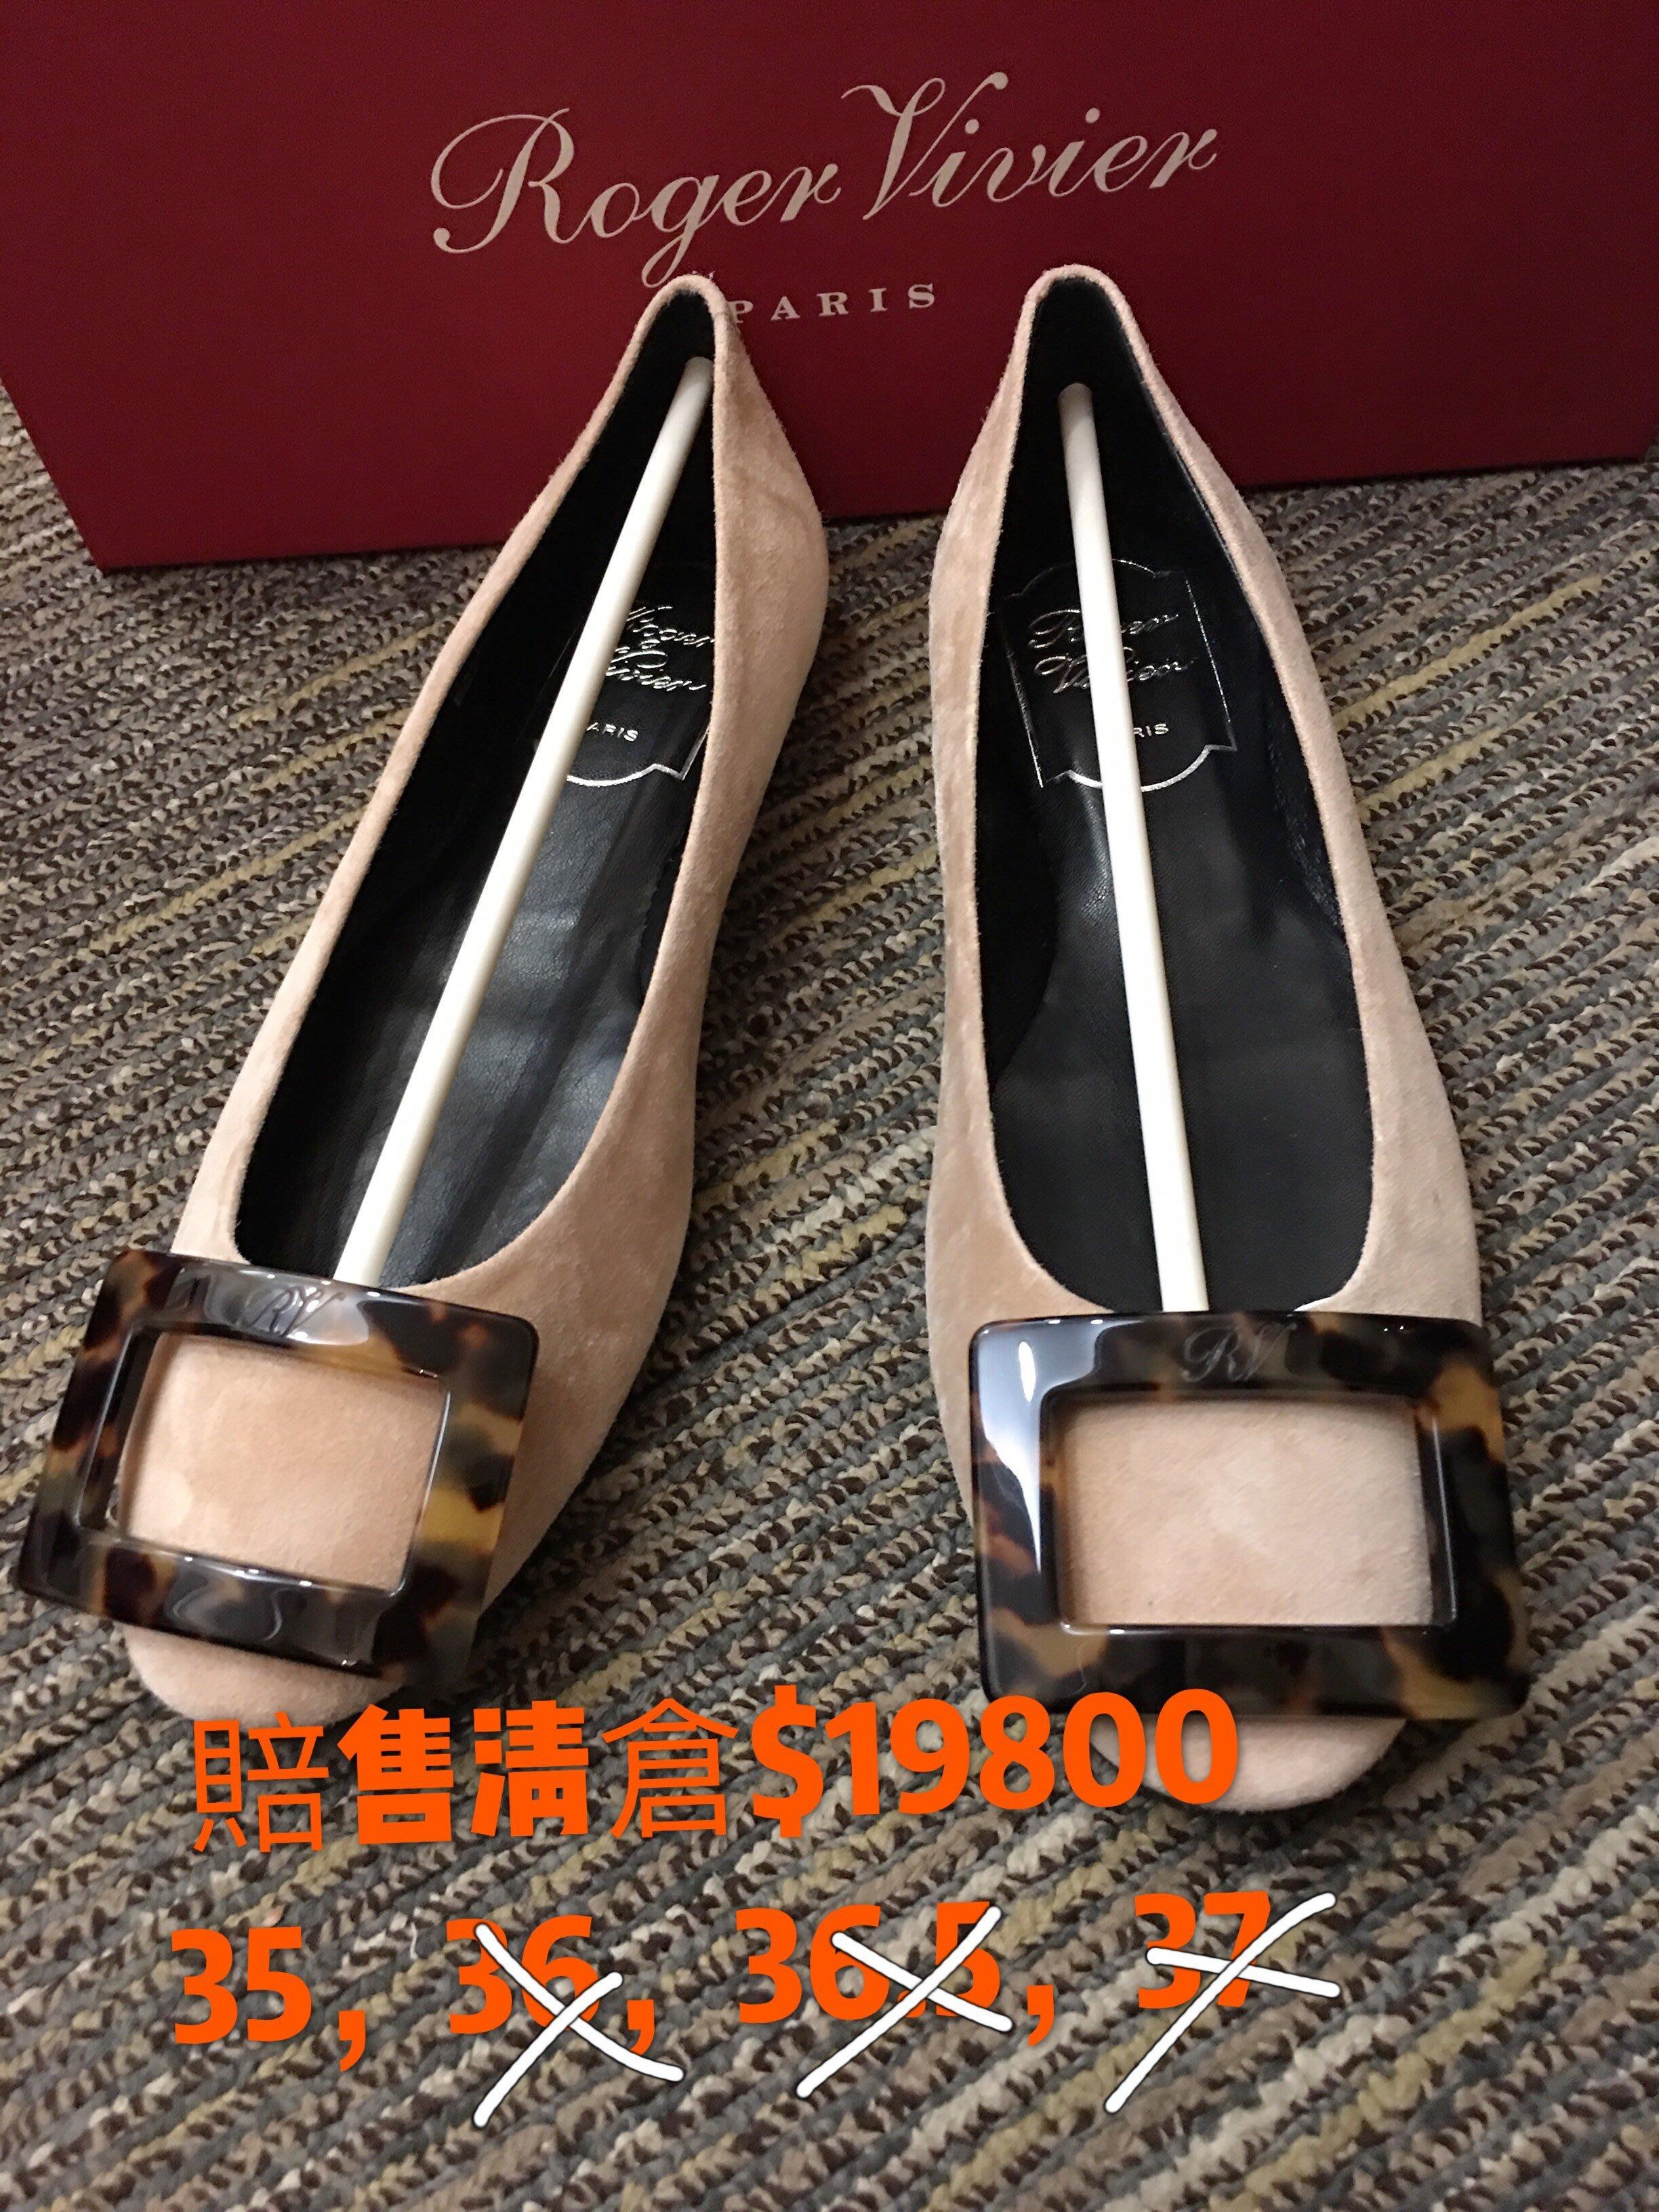 喬瑟芬【ROGER VIVIER】特價$19800~玫瑰鮭魚粉麂皮+玳瑁框Gommette Suede娃娃鞋